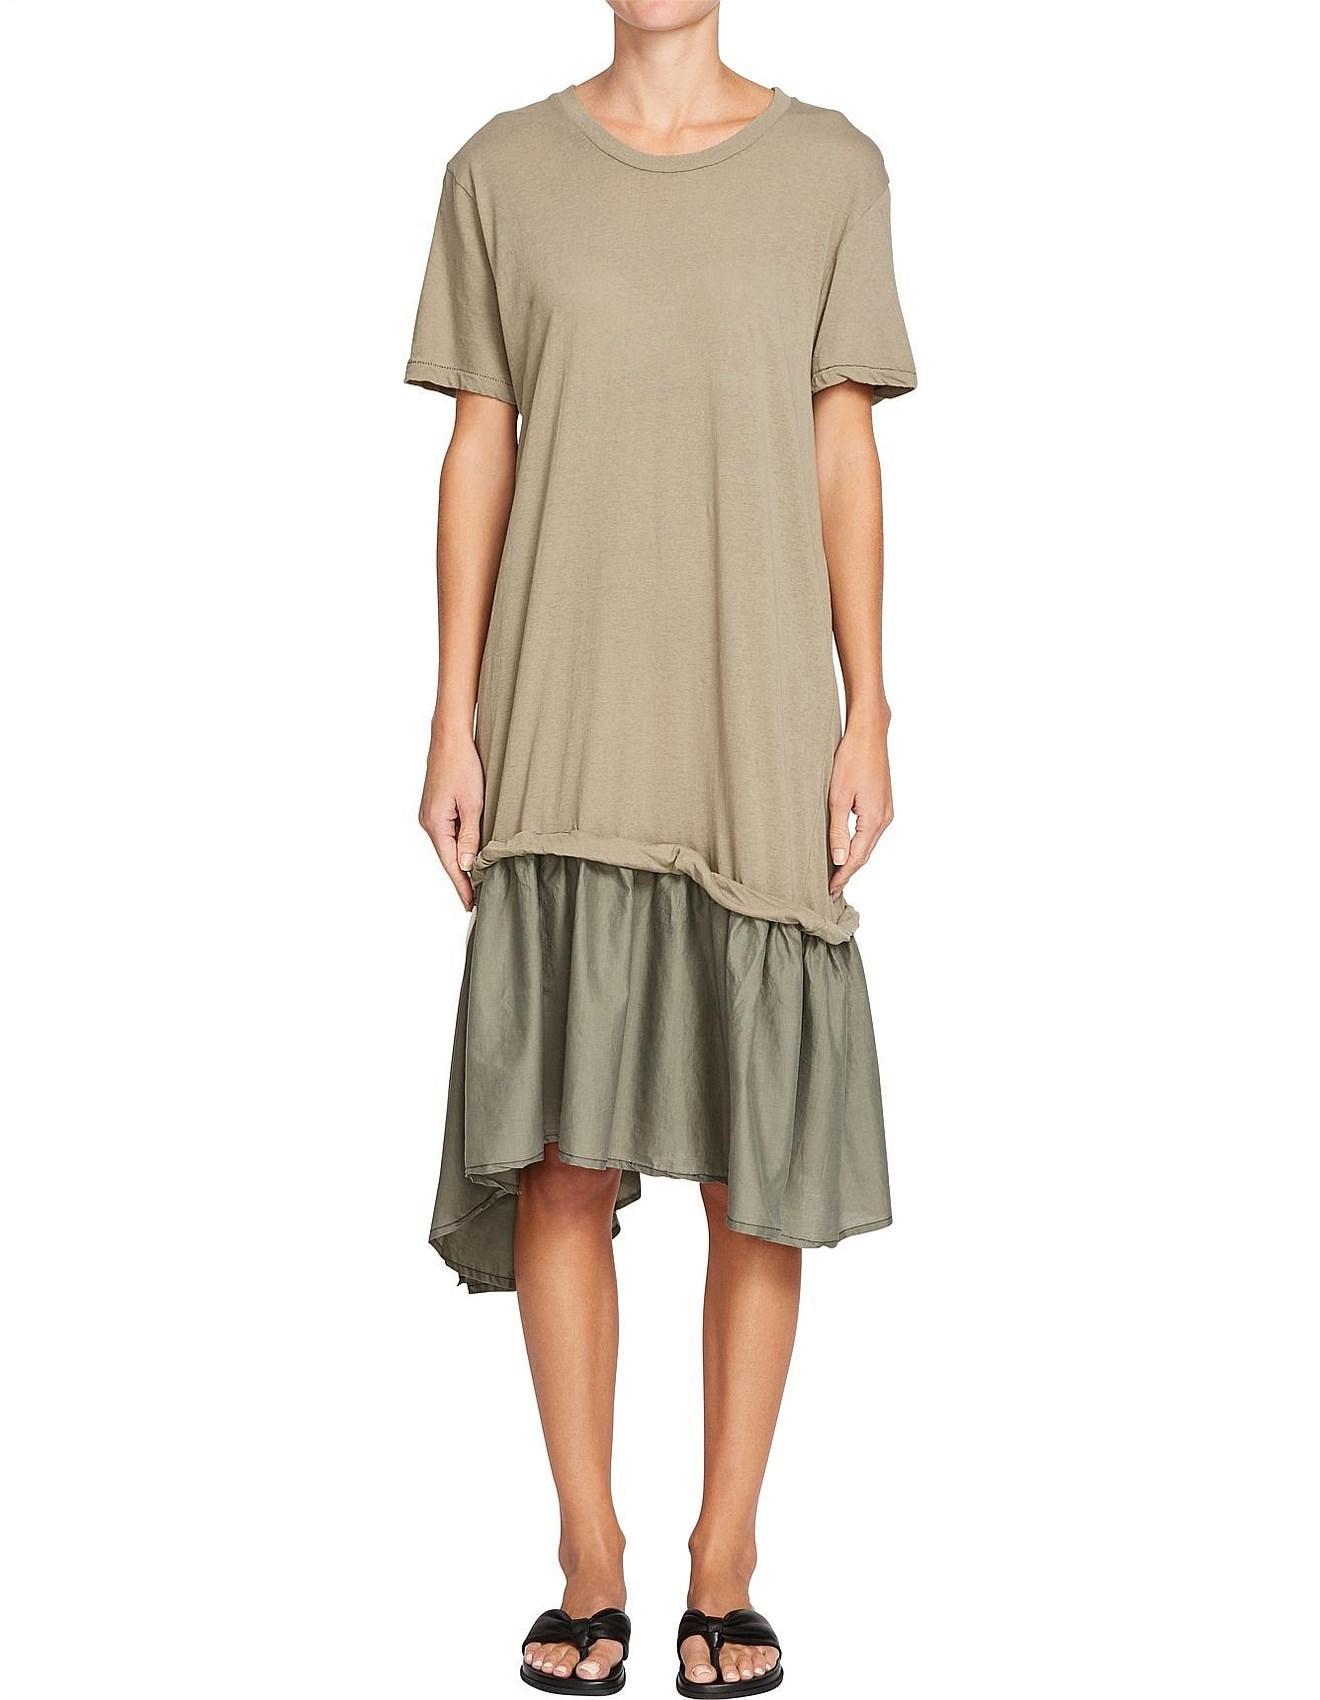 Women's Dresses | Designer Women's Dresses Online | David ...